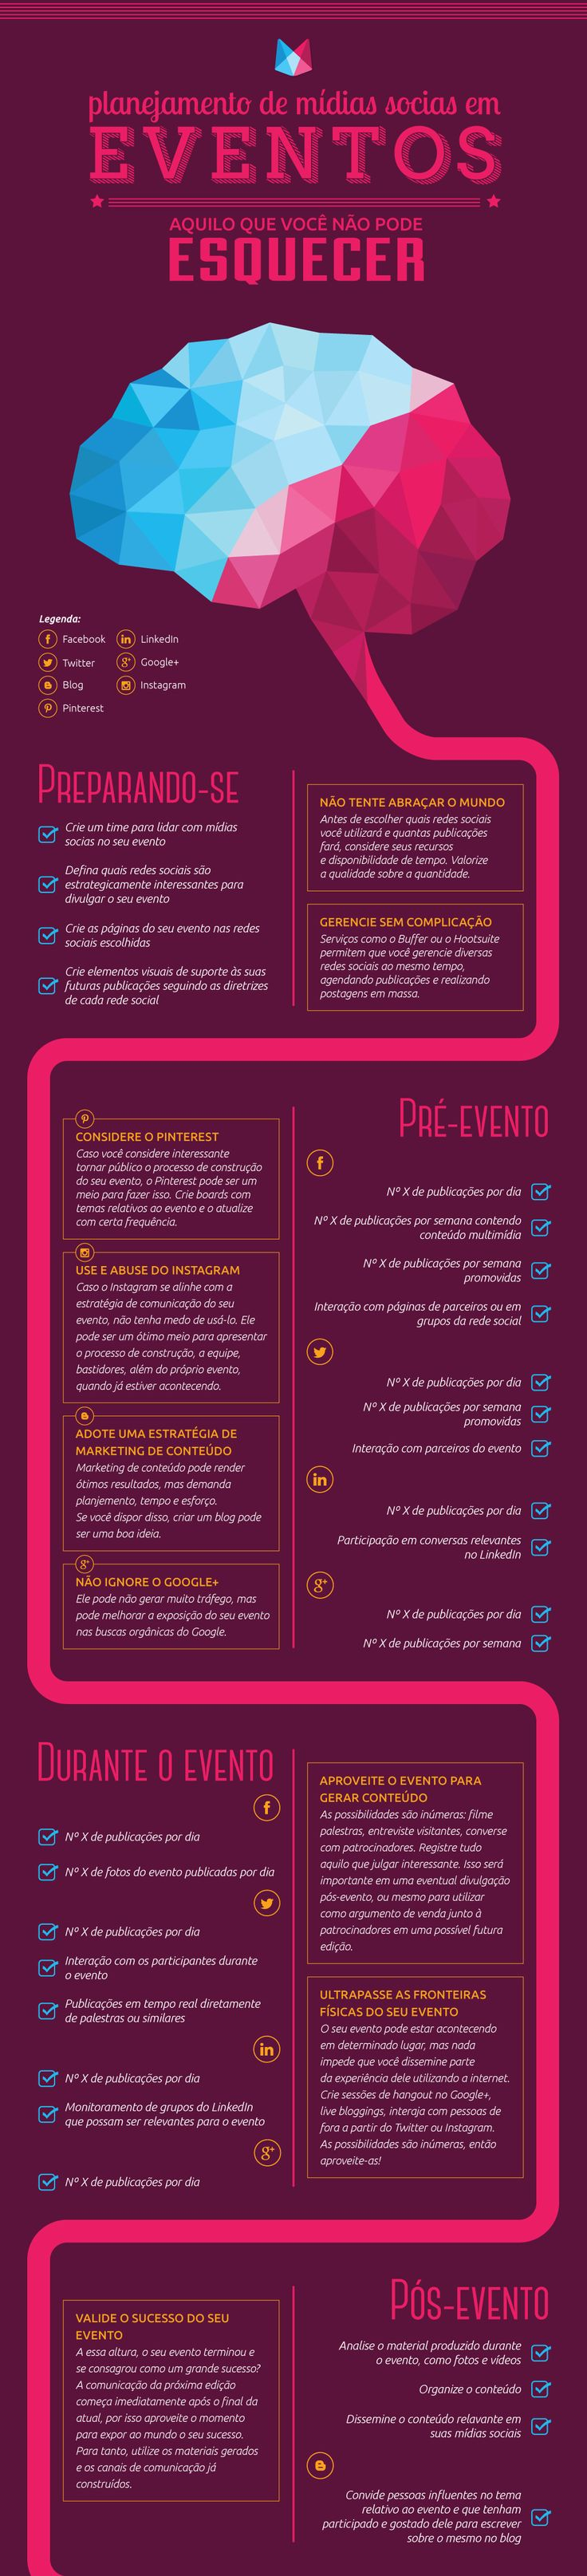 Infográfico | Planejamento de mídias sociais em eventos